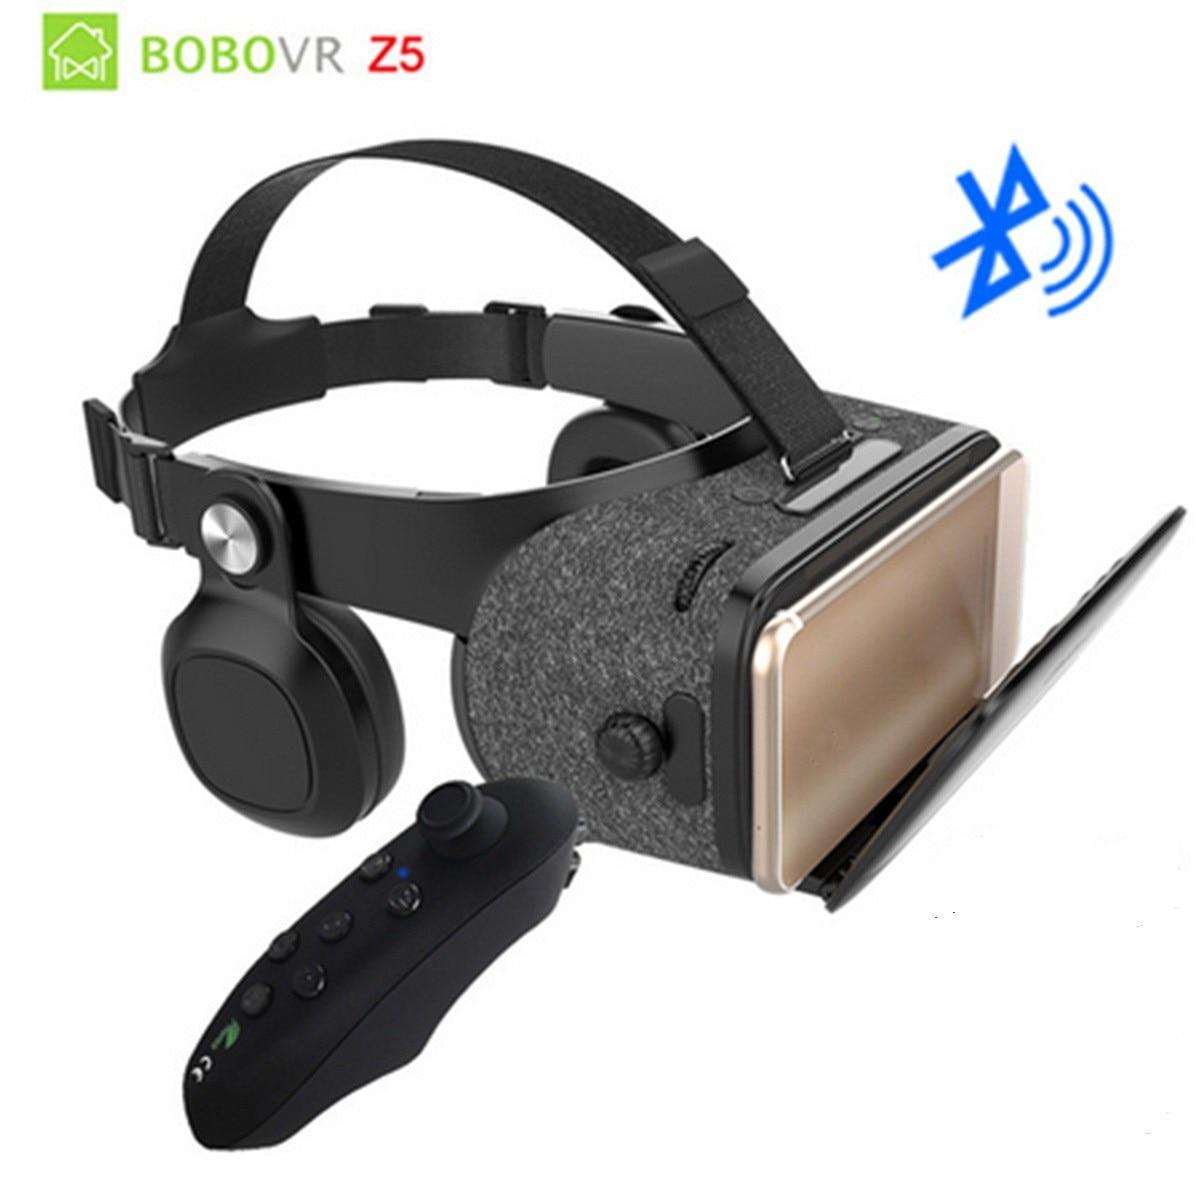 VR VR Óculos BOBOVR Z5 cinema Hi-Fi fone de ouvido Estereofônico Compatível 4.7-6.2 Polegadas Do Bluetooth Gamepad 3D VR Realidade Virtual